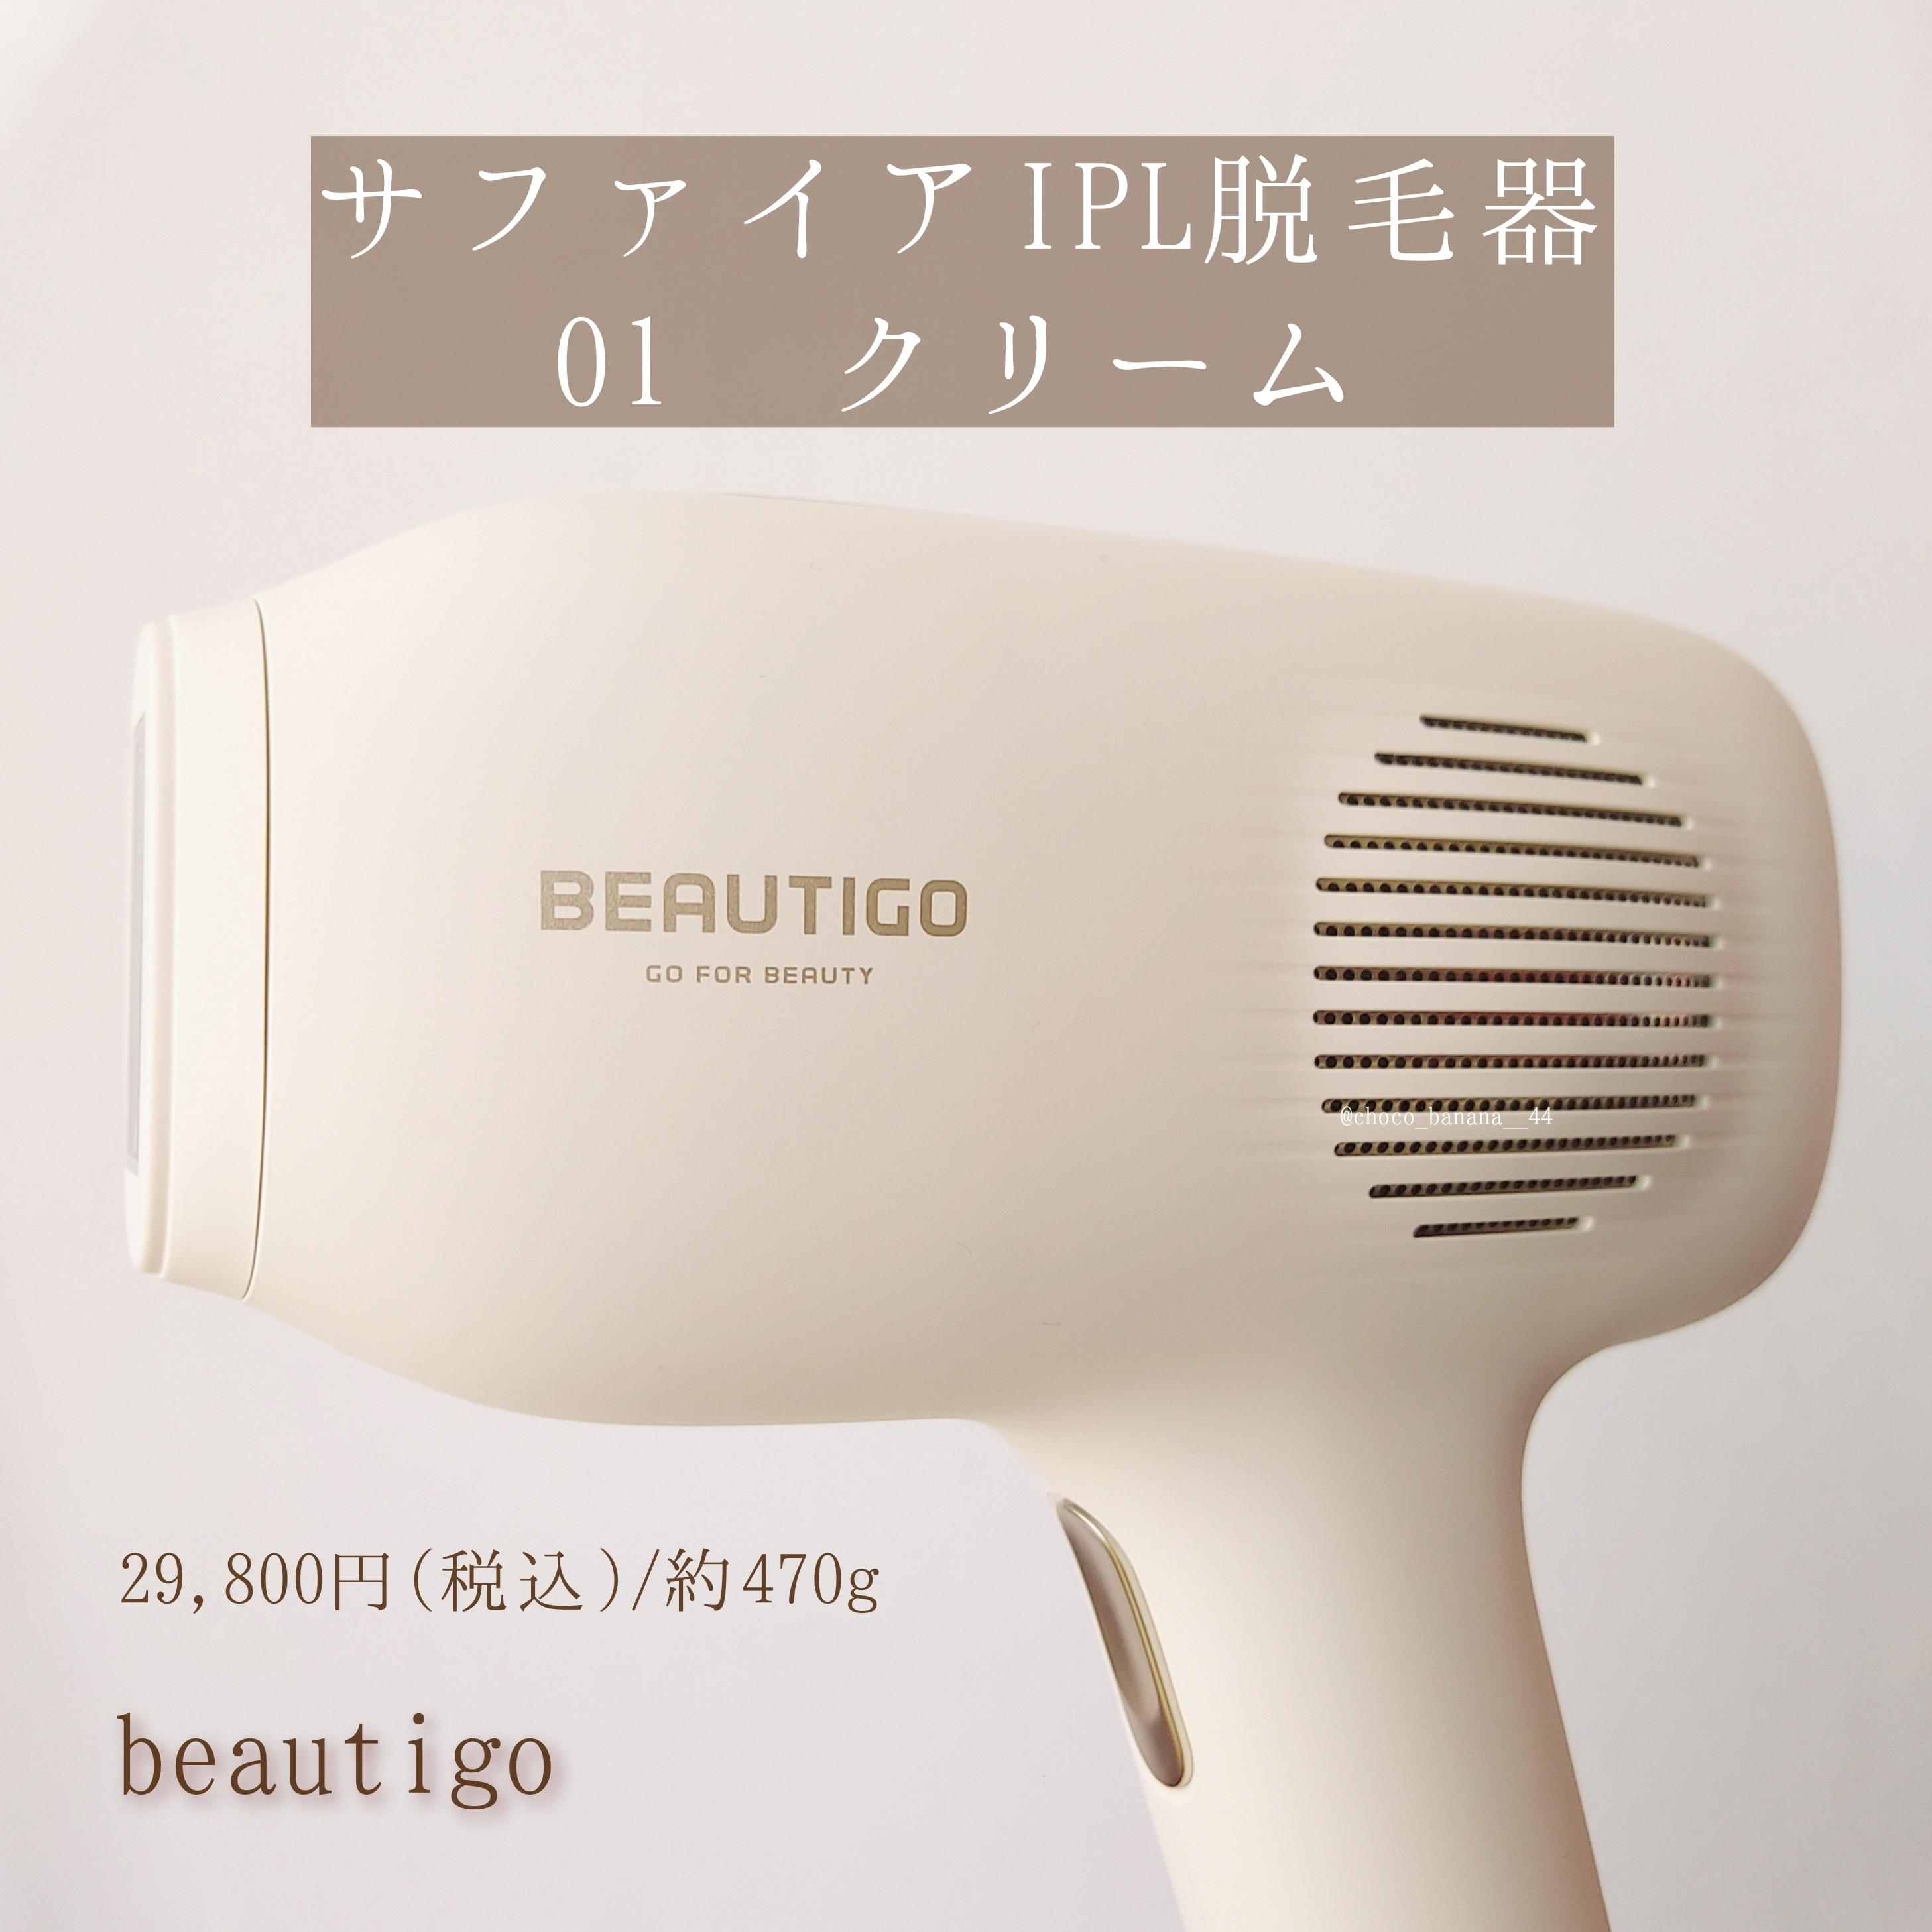 beautigo(ビューティゴ)脱毛器を使ったししさんのクチコミ画像2